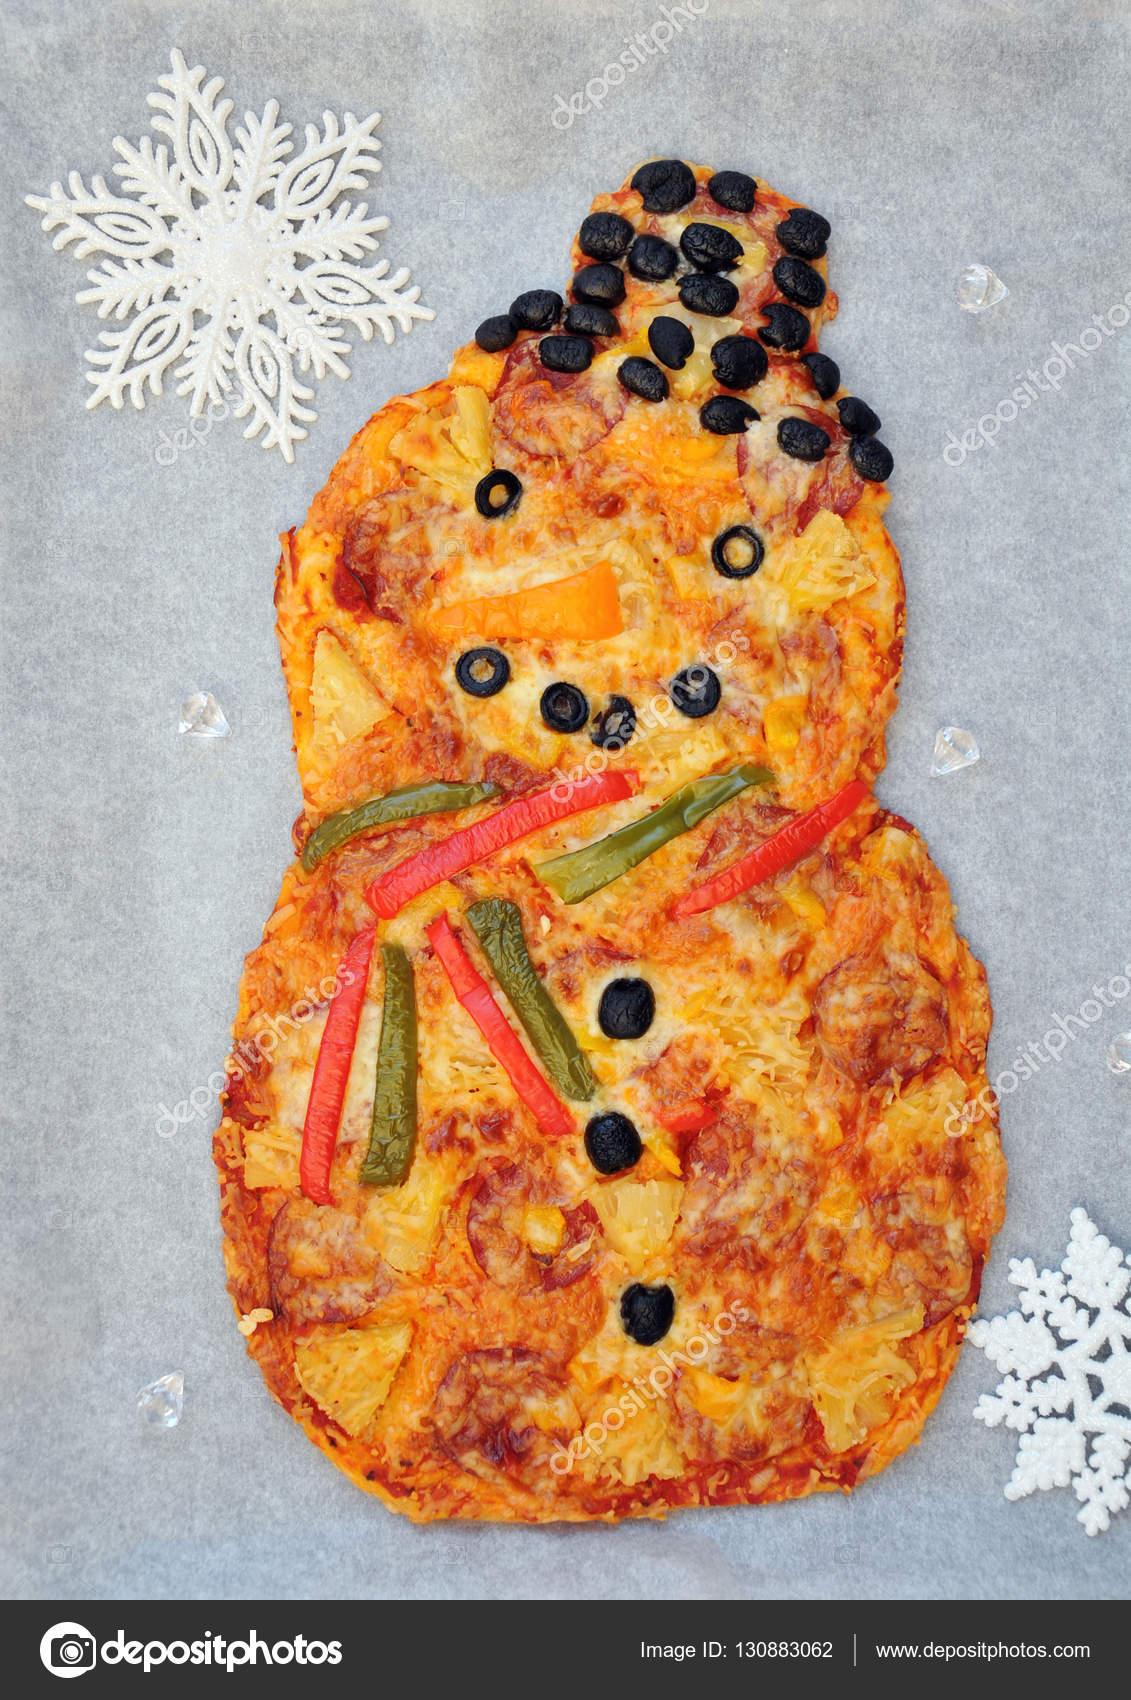 Weihnachtsfeier Ideen Essen.Schneemann Pizza Spaß Essen Idee Für Kinder Stockfoto Jularte